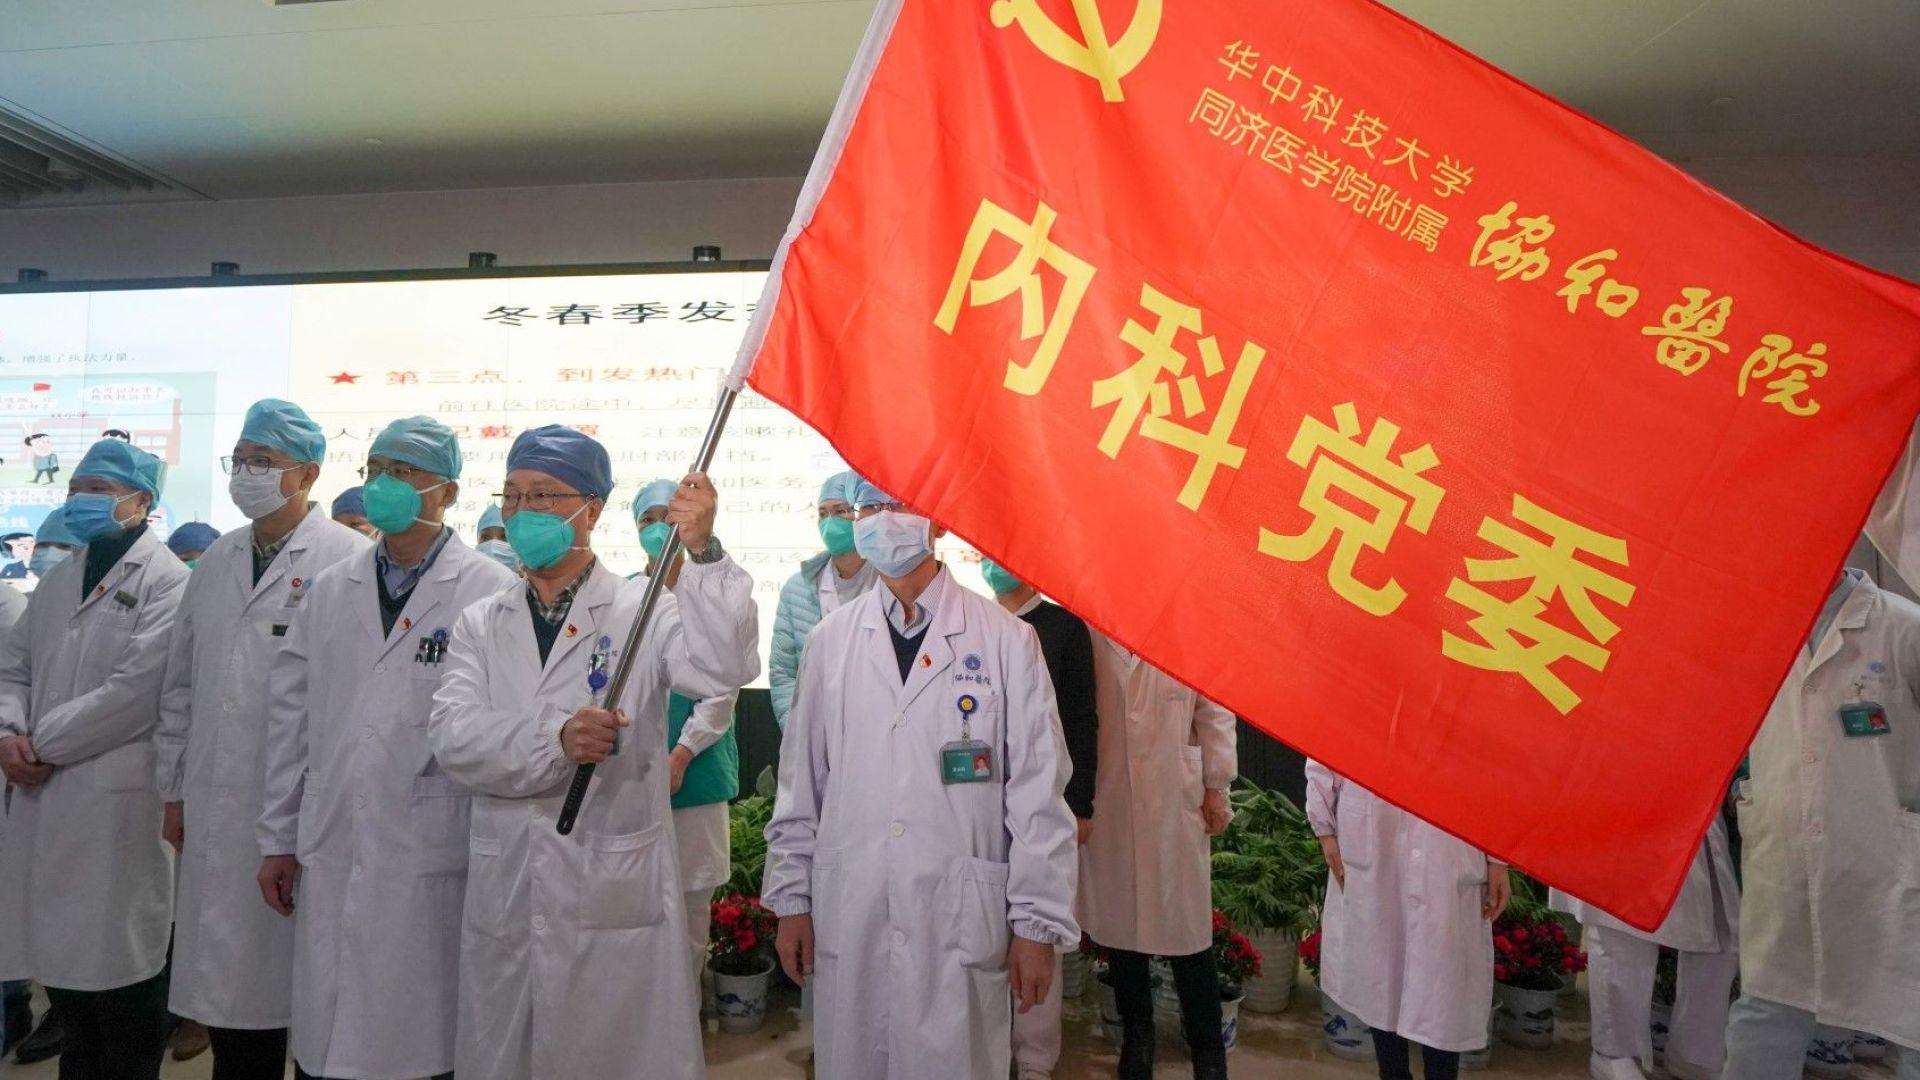 СЗО се въздържа да обяви световна извънредна ситуация заради новия коронавирус